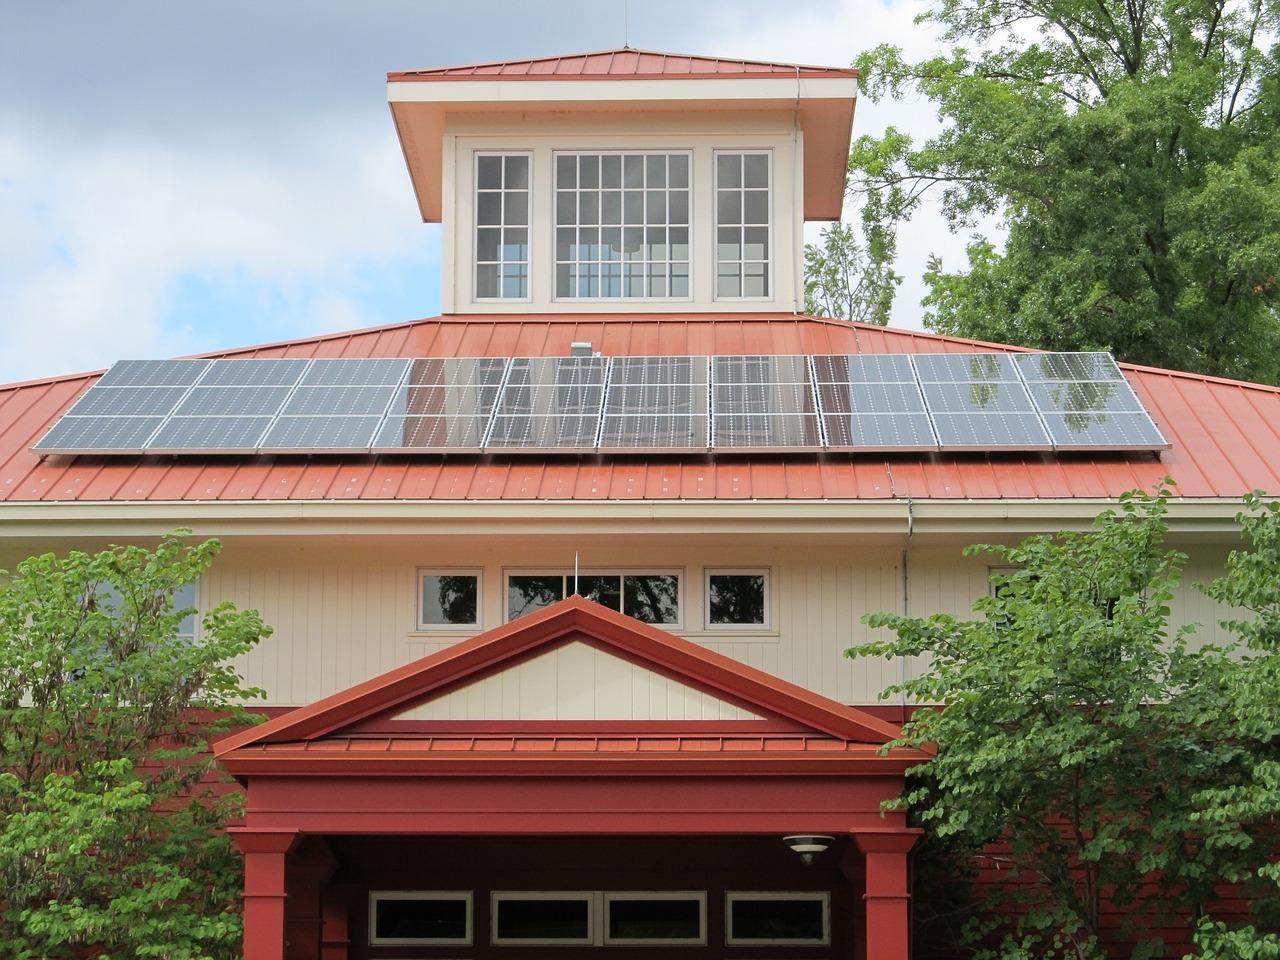 Paneles solares instalados en casa